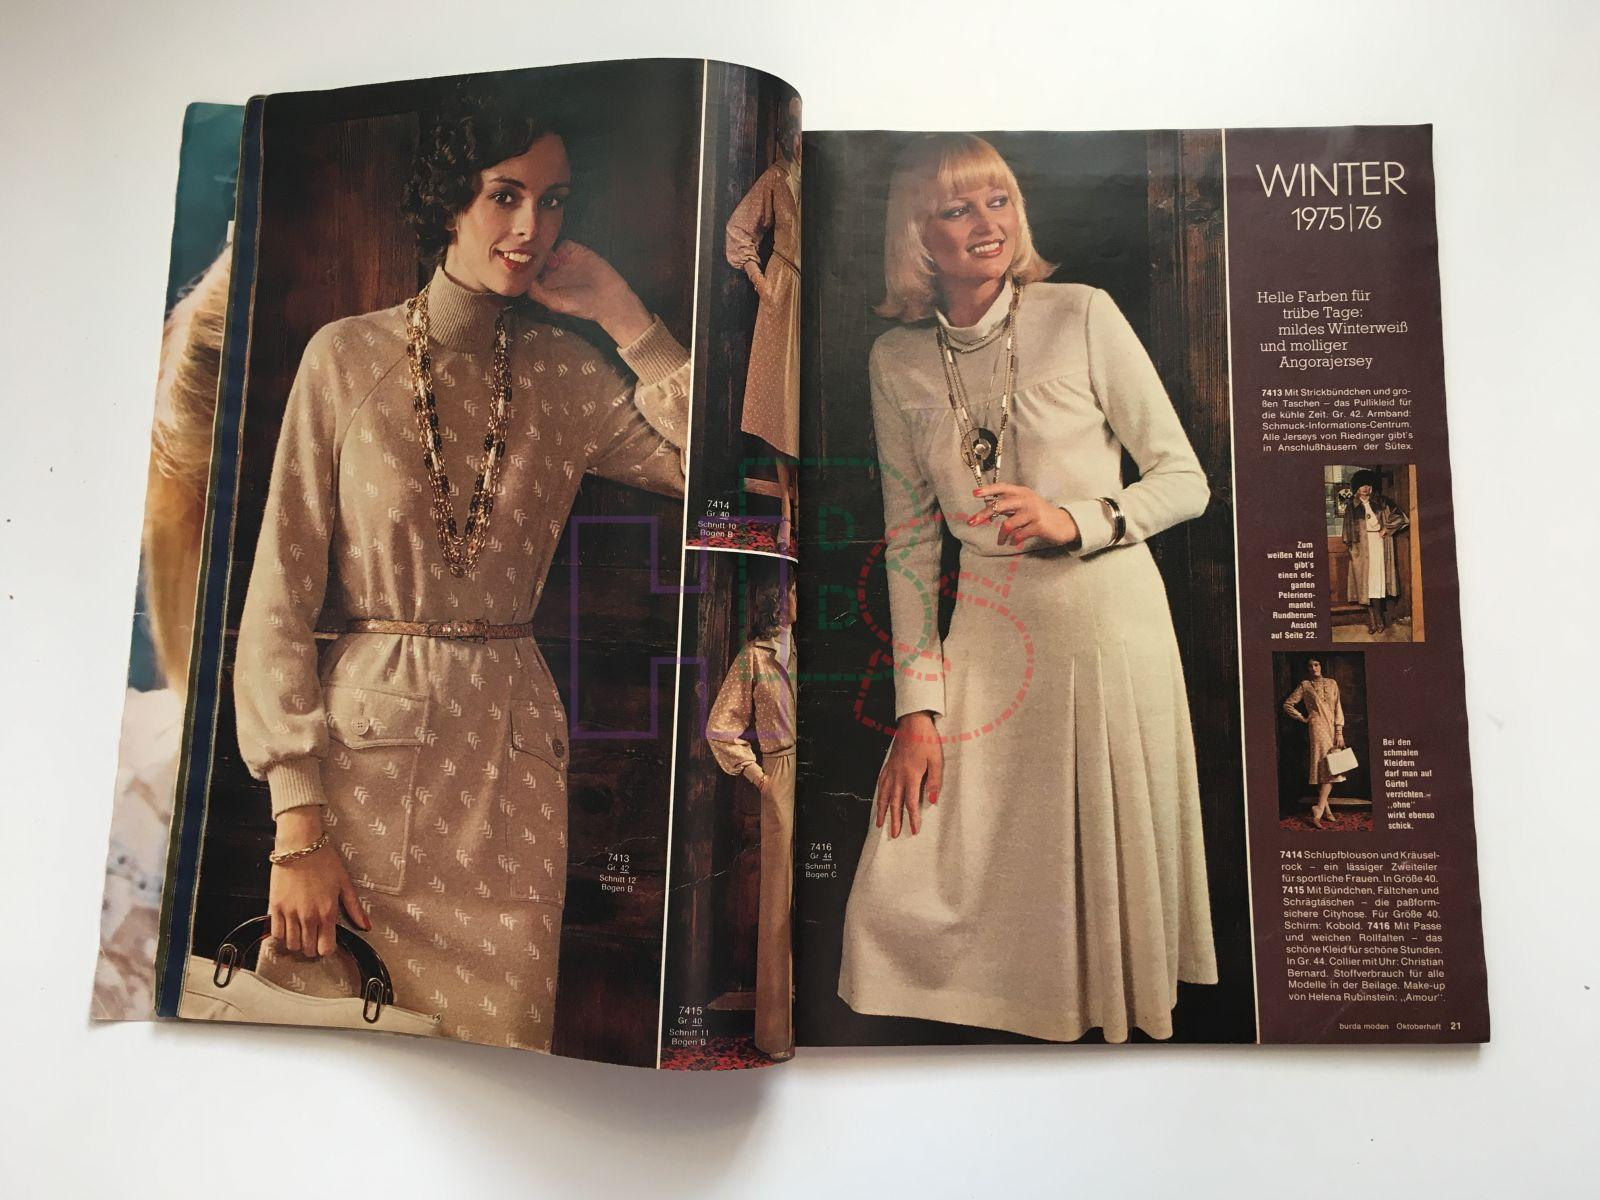 15 Einzigartig Schöne Kleider Größe 44 Spezialgebiet10 Schön Schöne Kleider Größe 44 Ärmel